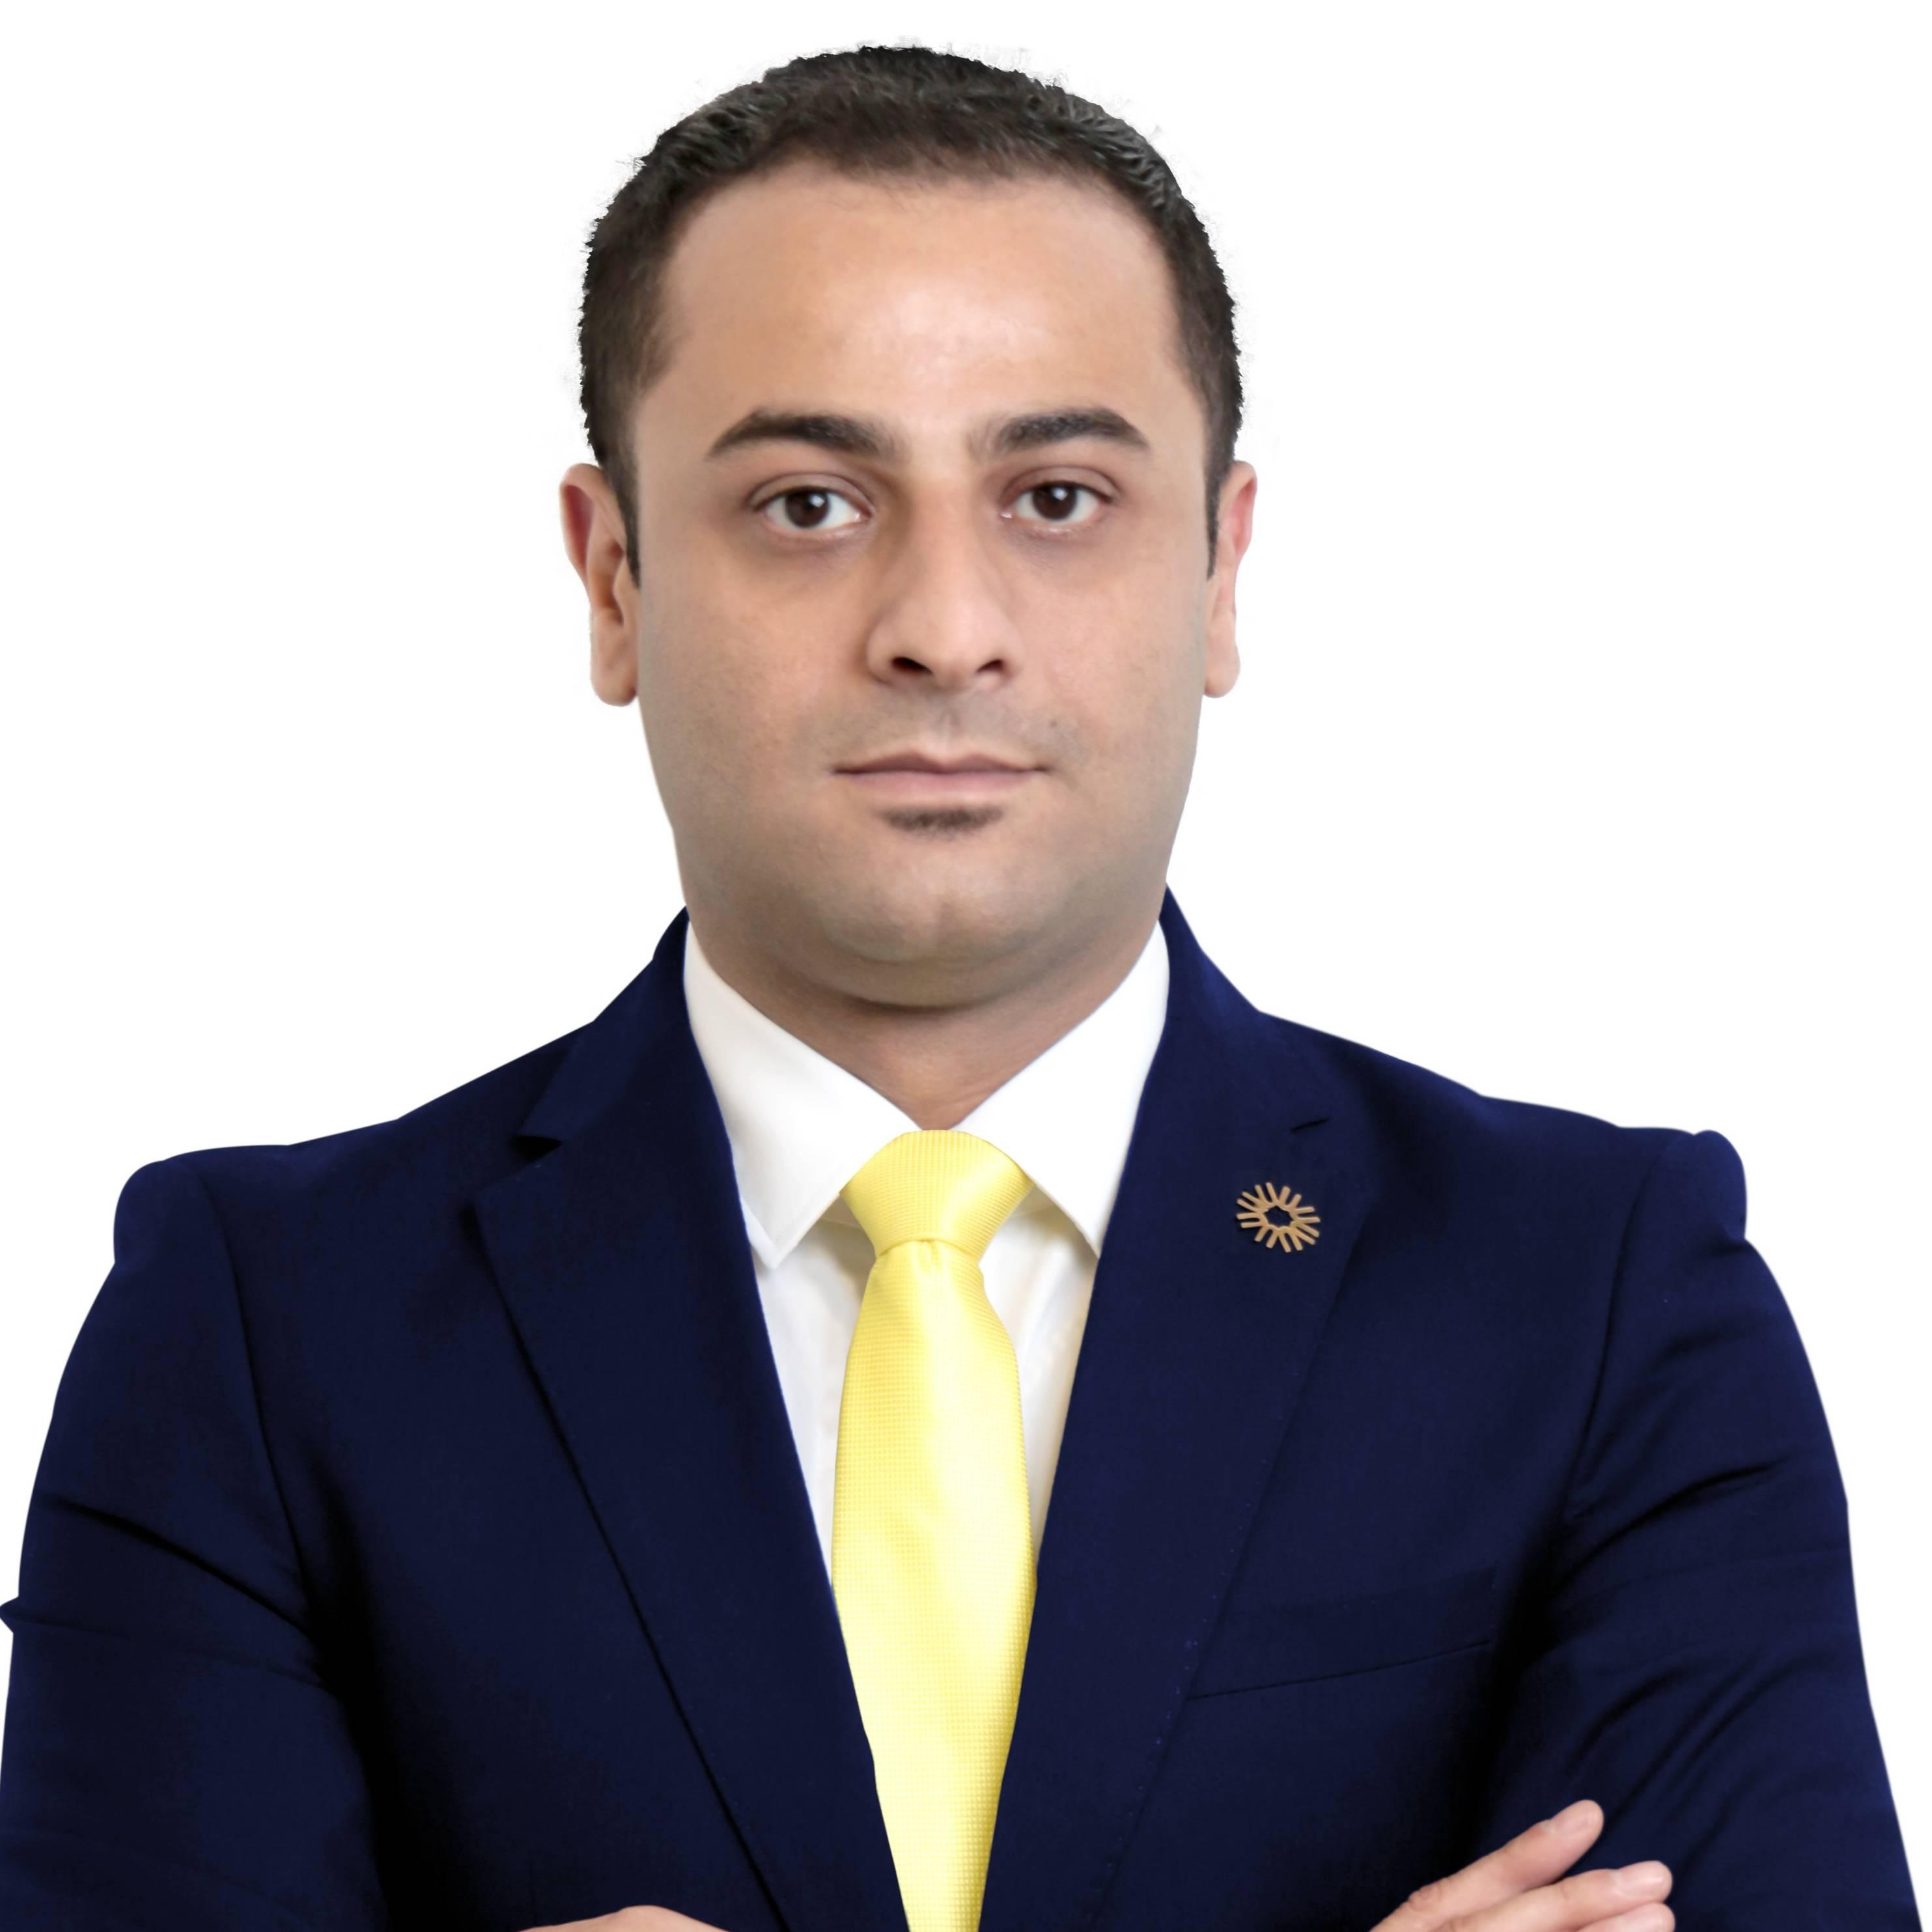 Behrouz Khedri-Shoushtari